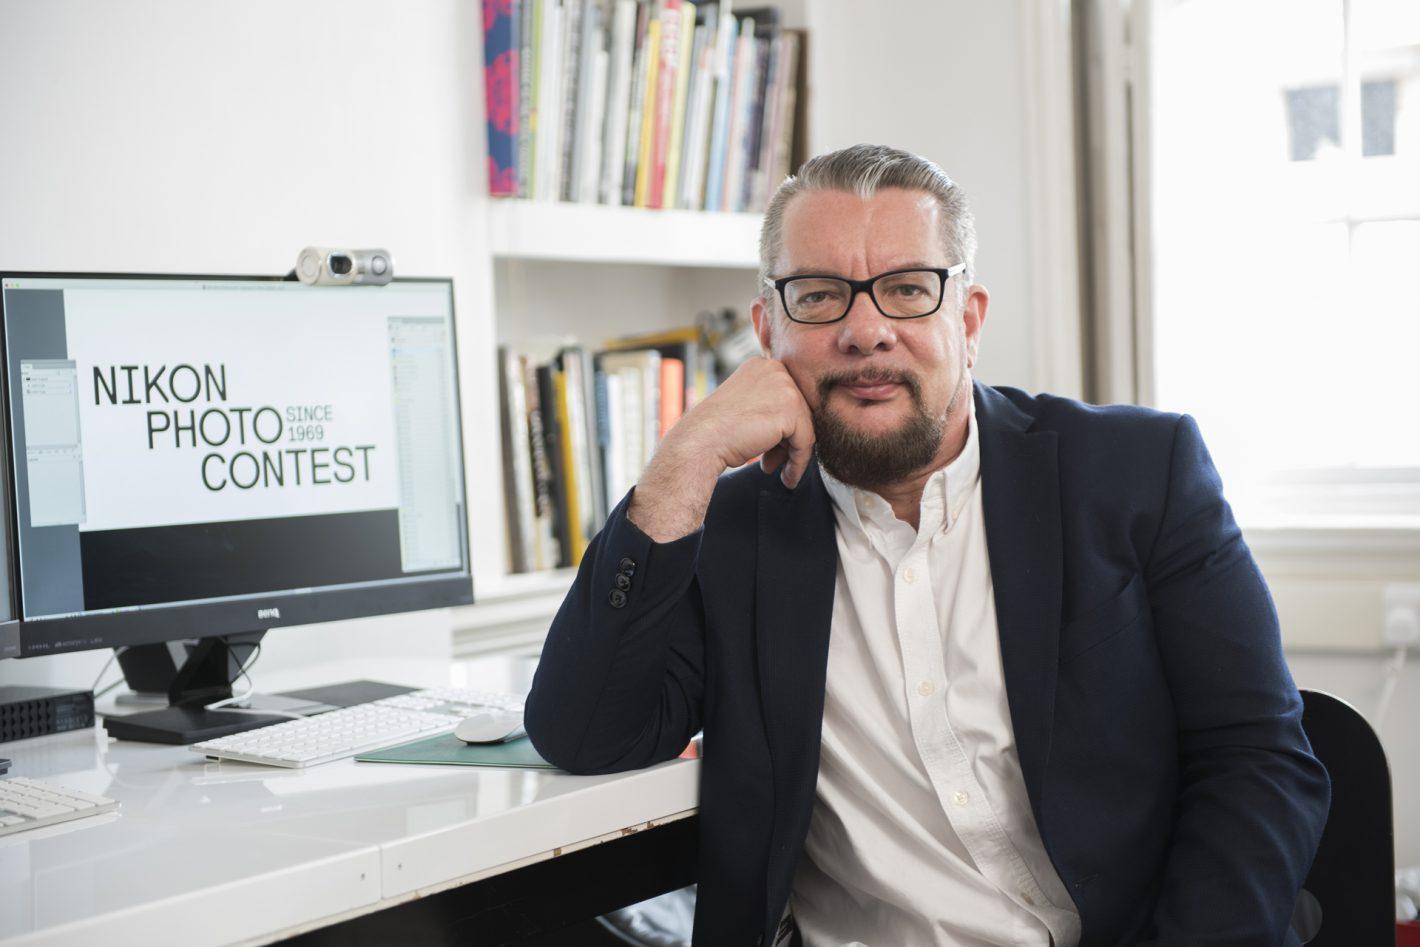 Reconnu mondialement, graphiste et directeur artistique, Neville Brody a été choisi comme président du jury